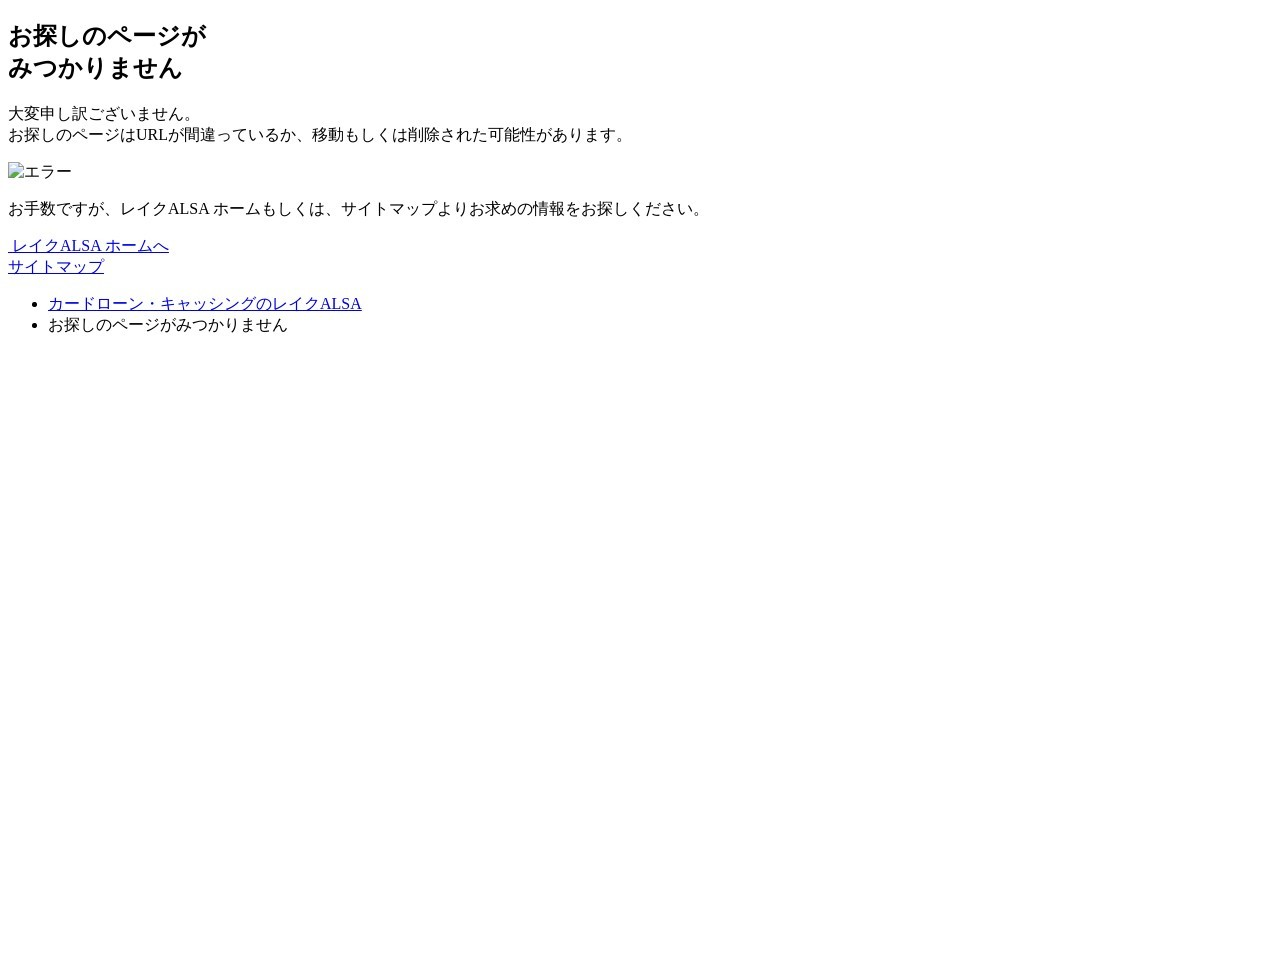 レイクALSA 4号花巻自動契約コーナー岩手県 レイクALSA